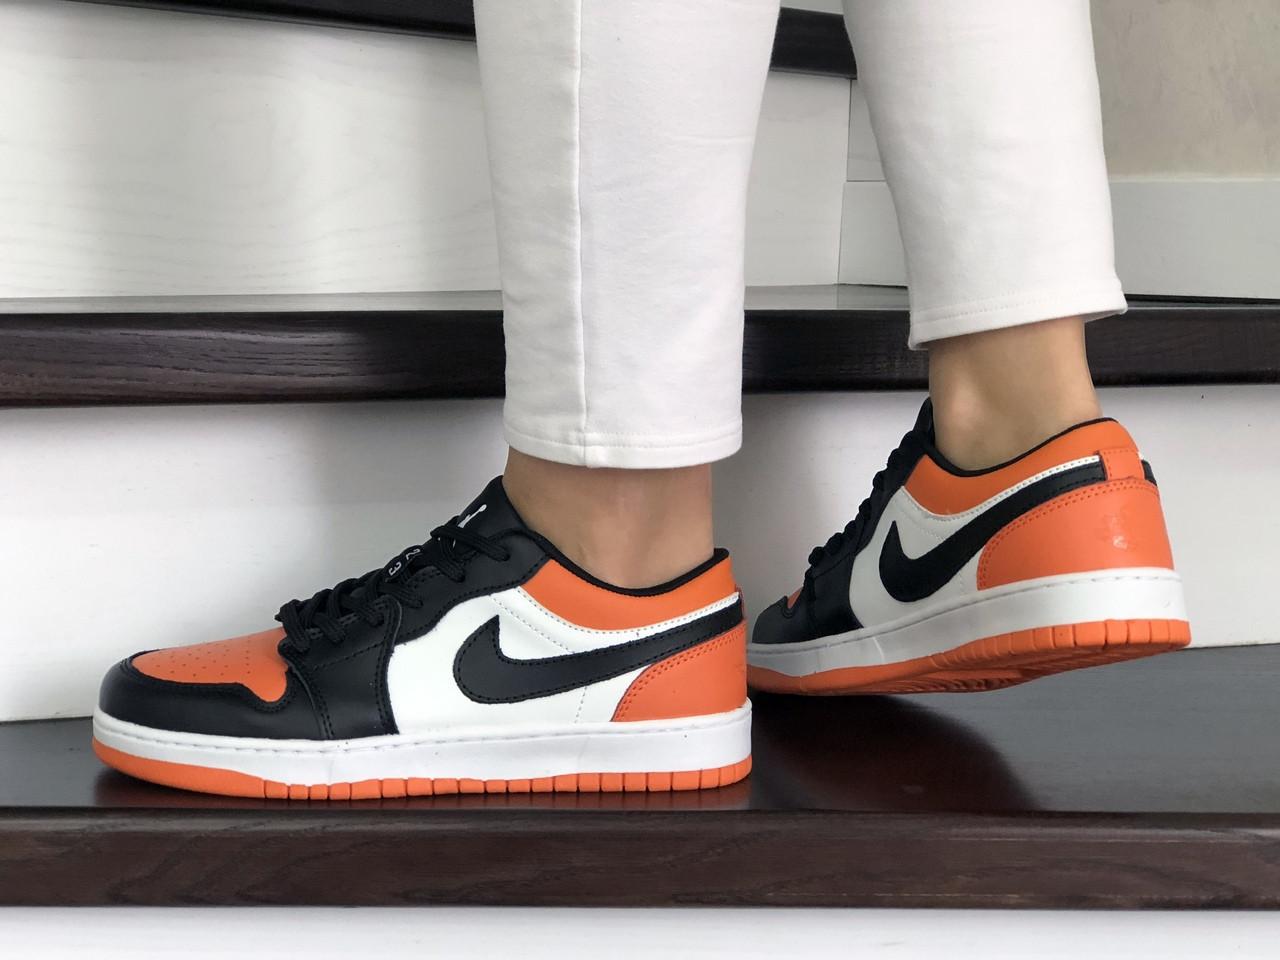 Женские кожаные кроссовки Nike Air Jordan 1 Low (бело-черные с оранжевым) 9160